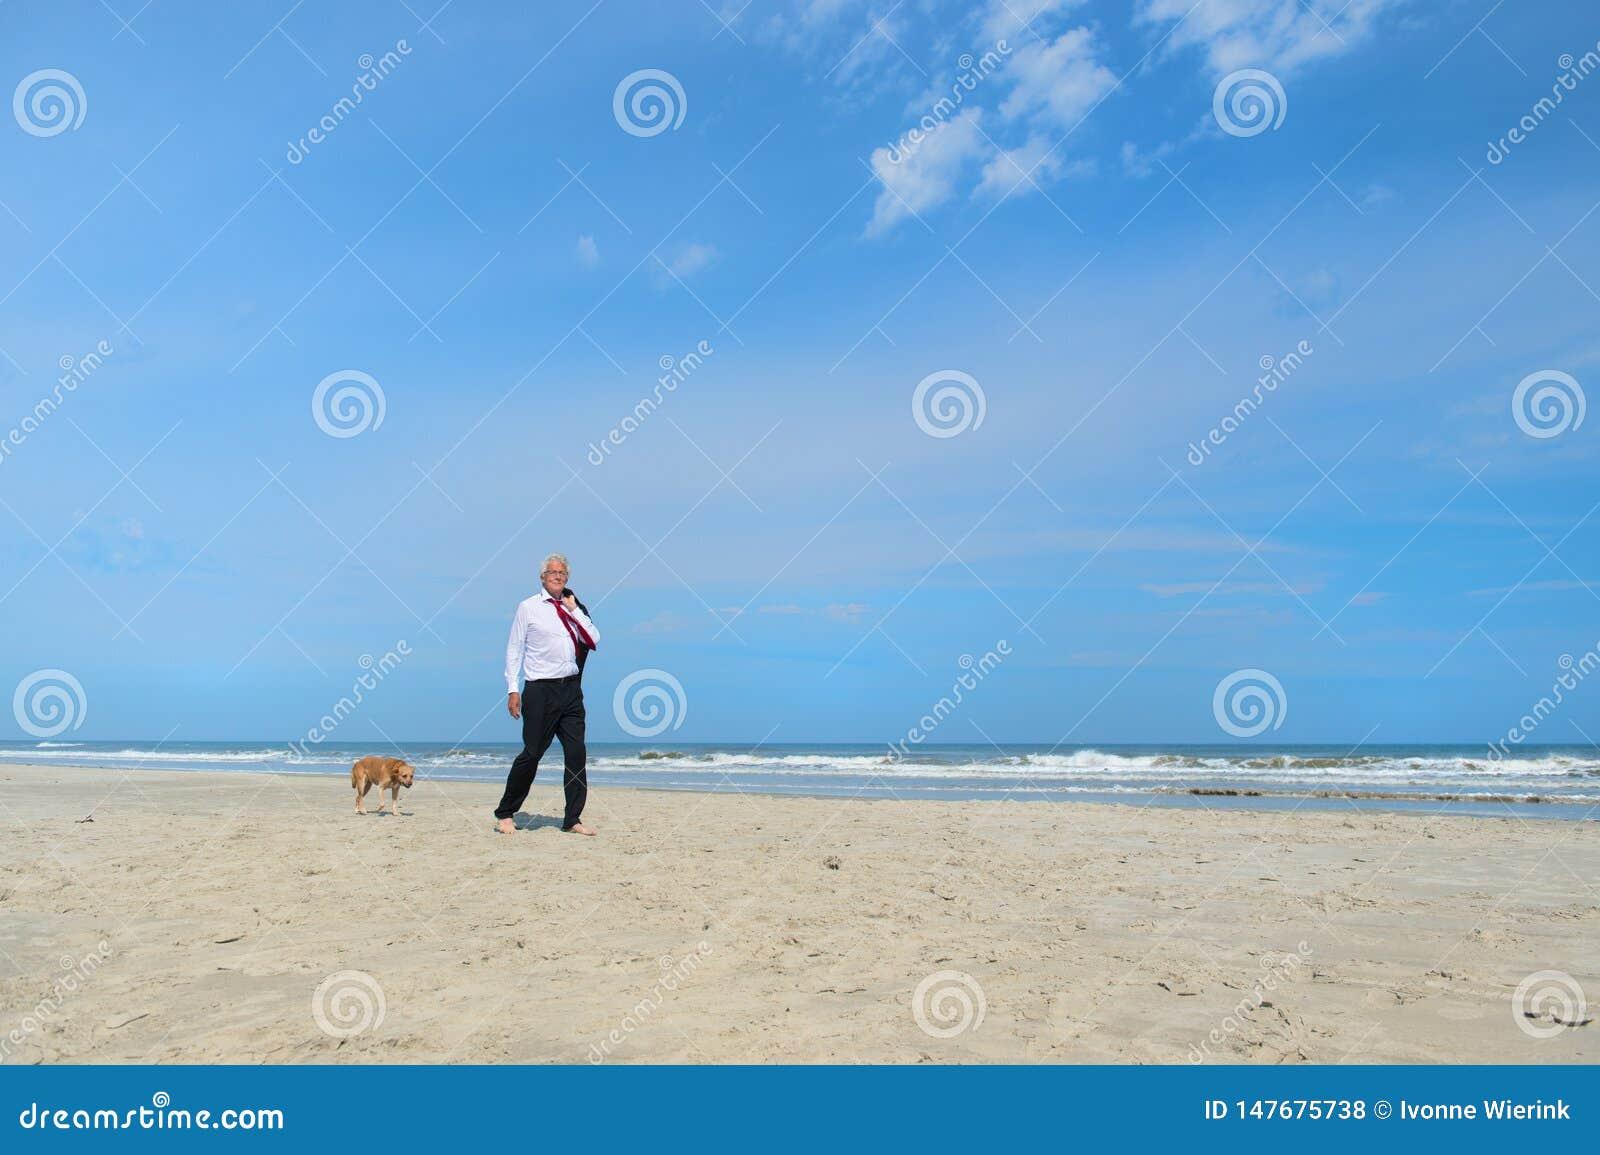 Gesch?ftsmann mit Hund am Strand